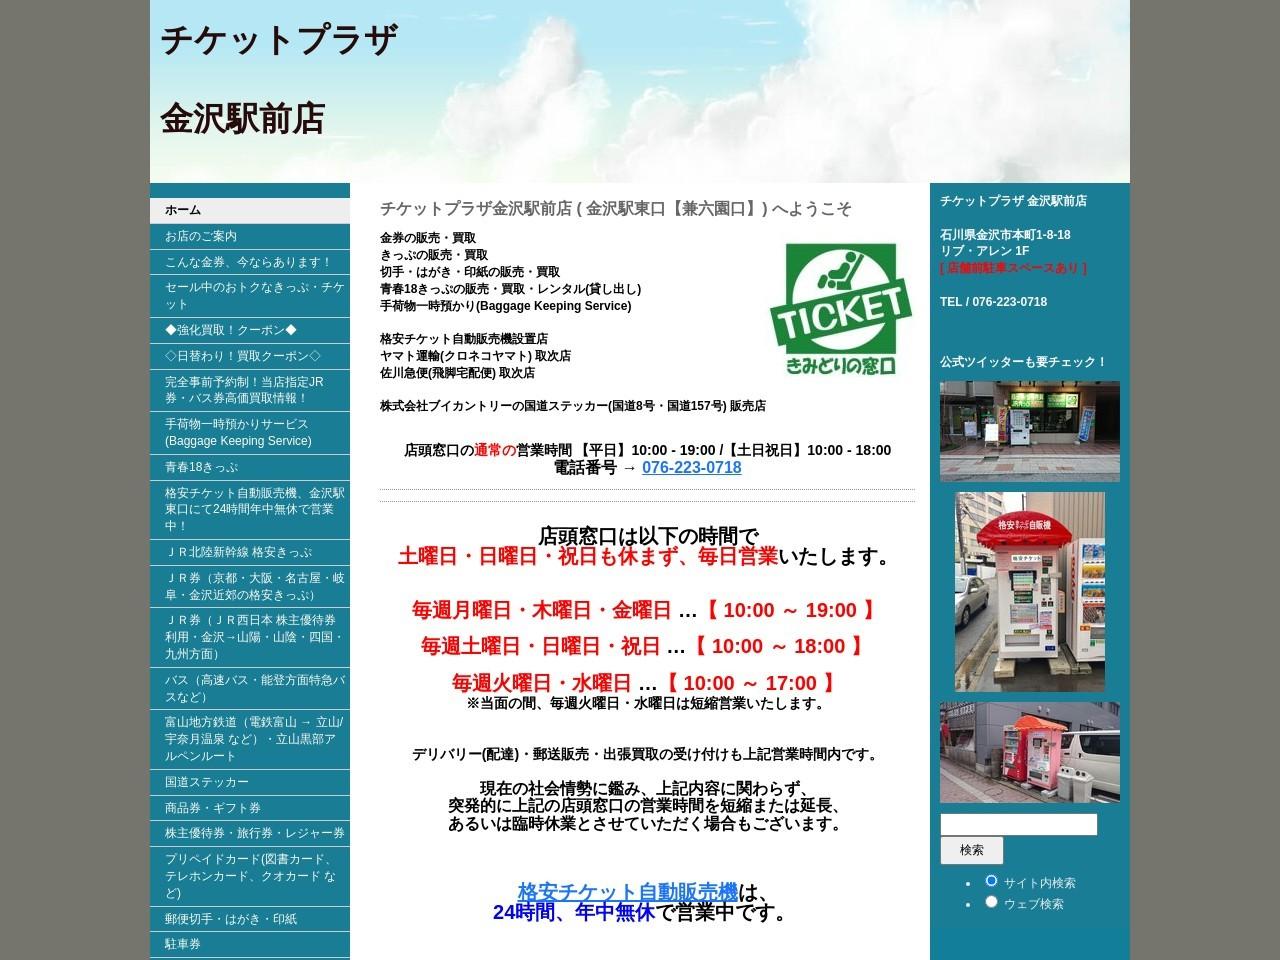 チケットプラザ金沢駅前店 - チケットプラザ金沢駅前店